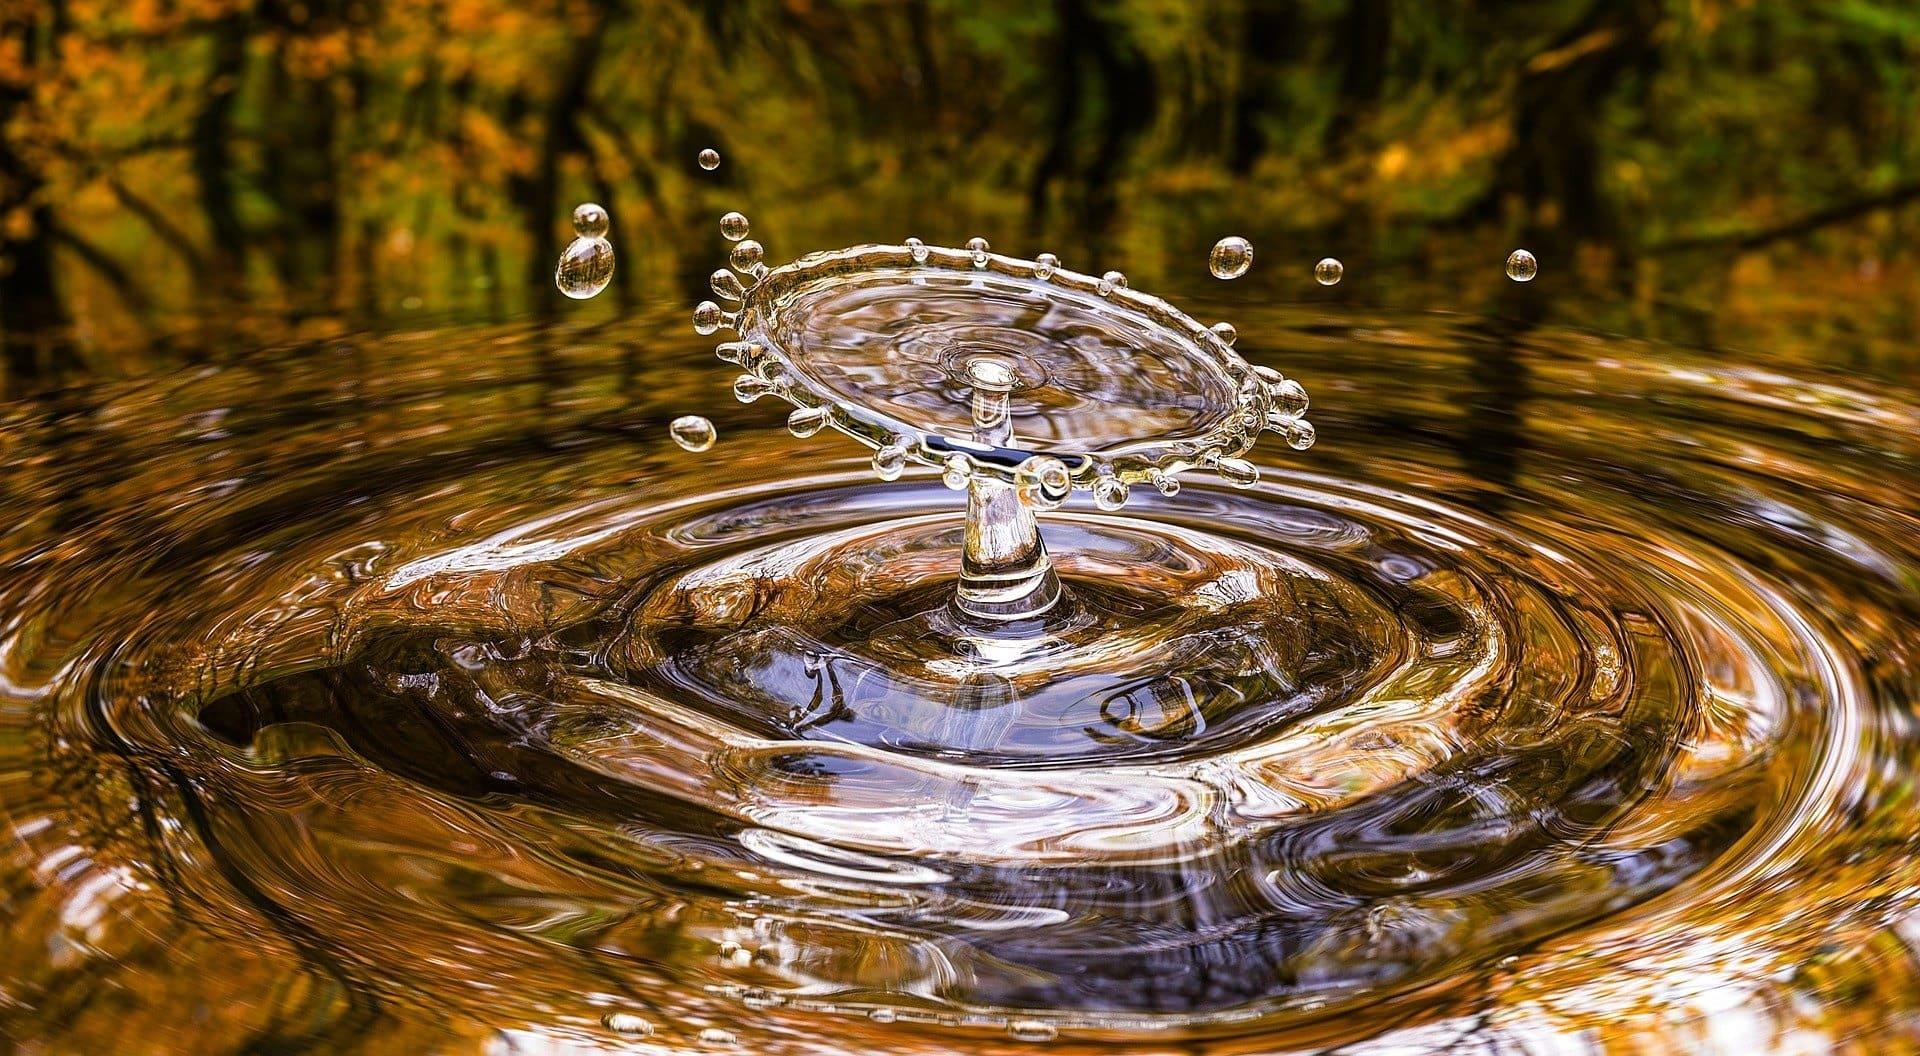 Rensningsanlæg_vand_studierejser